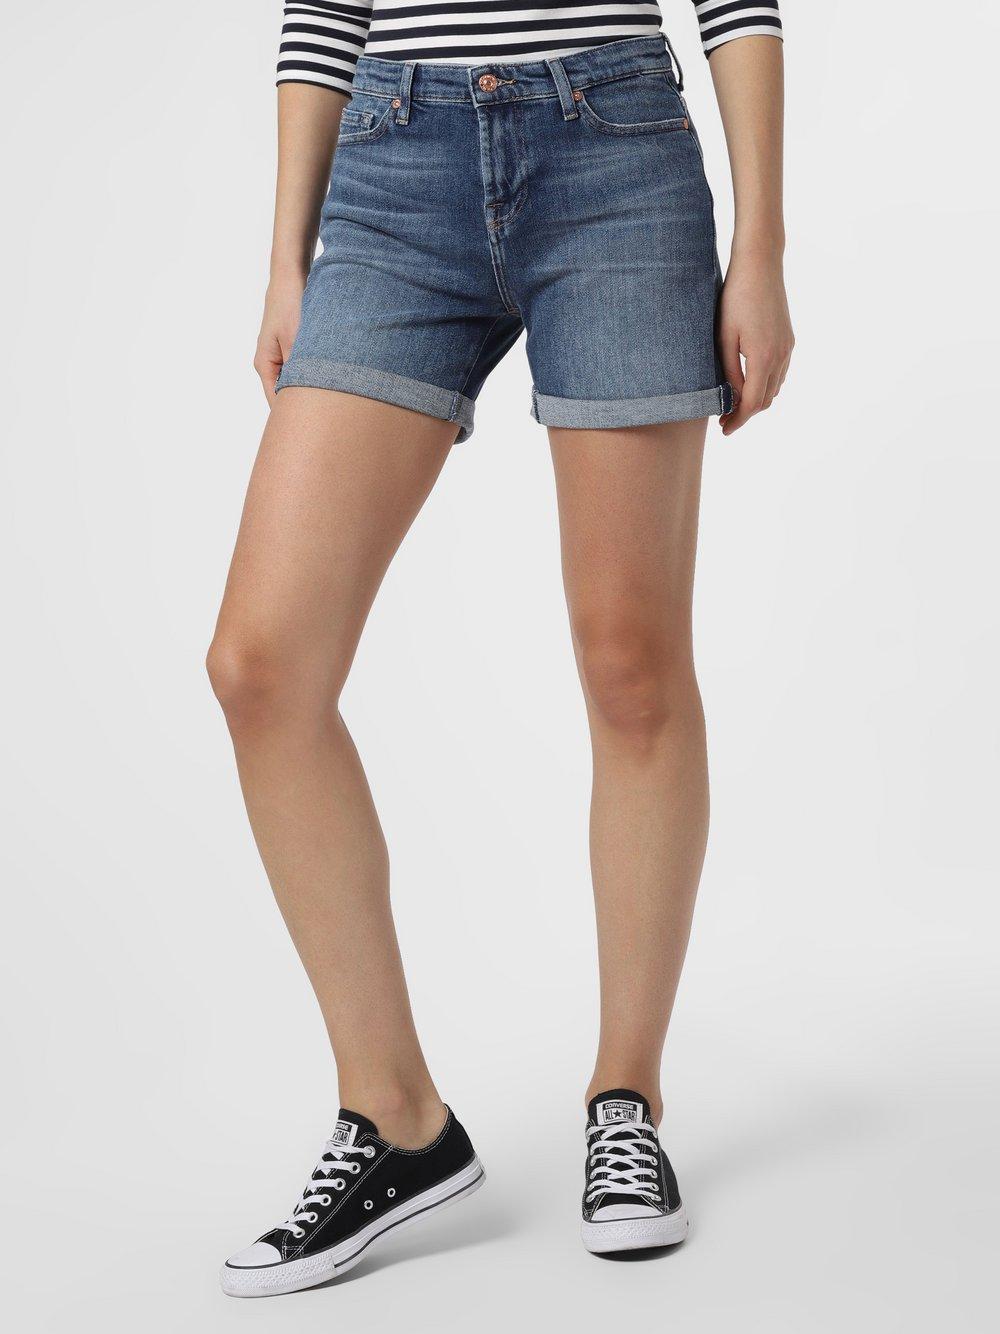 7 For All Mankind – Damskie krótkie spodenki jeansowe, niebieski Van Graaf 467914-0001